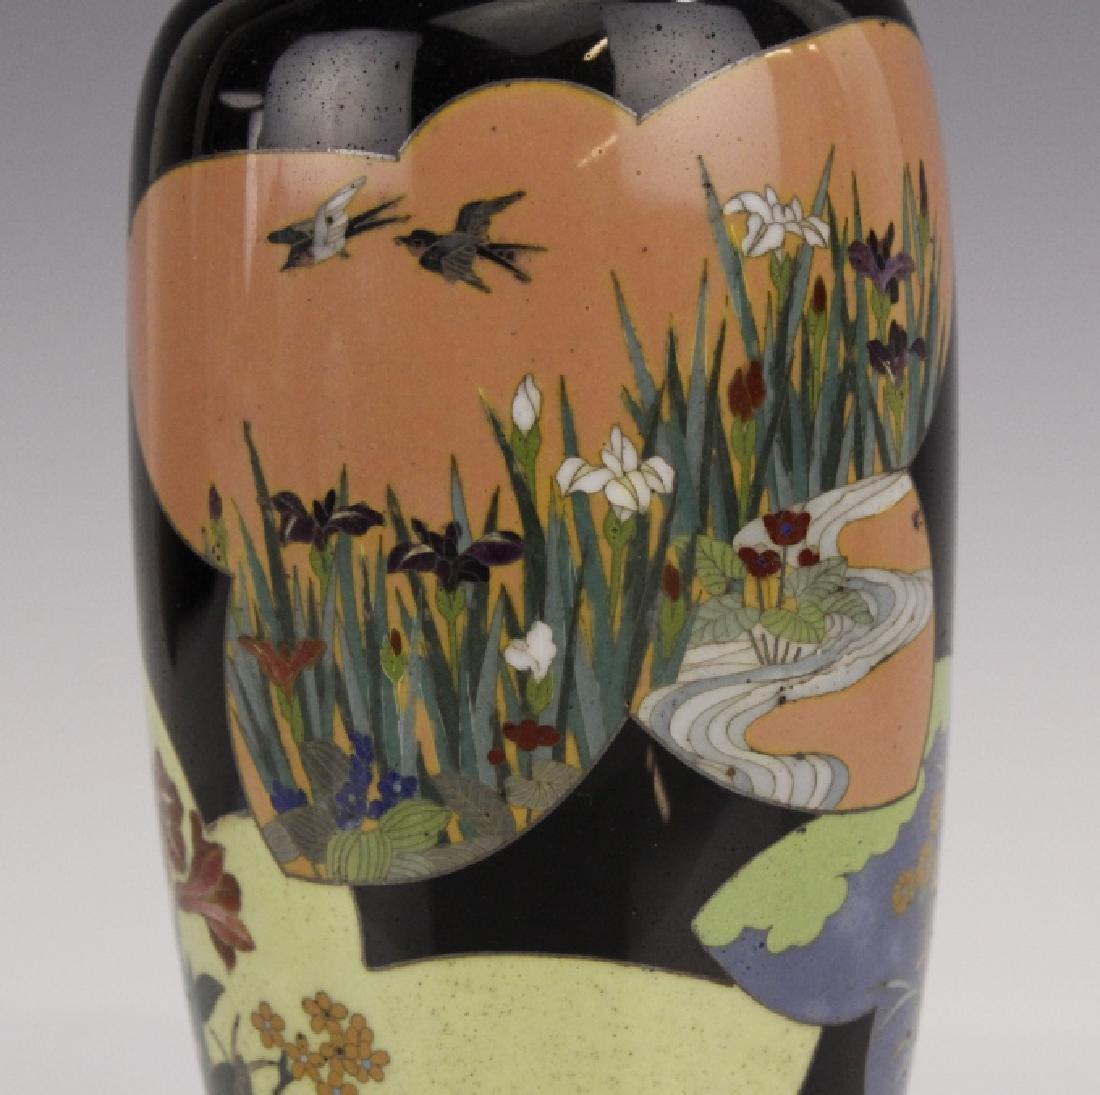 Antique Japanese Floral Cloisonne Enamel Bud Vase - 2